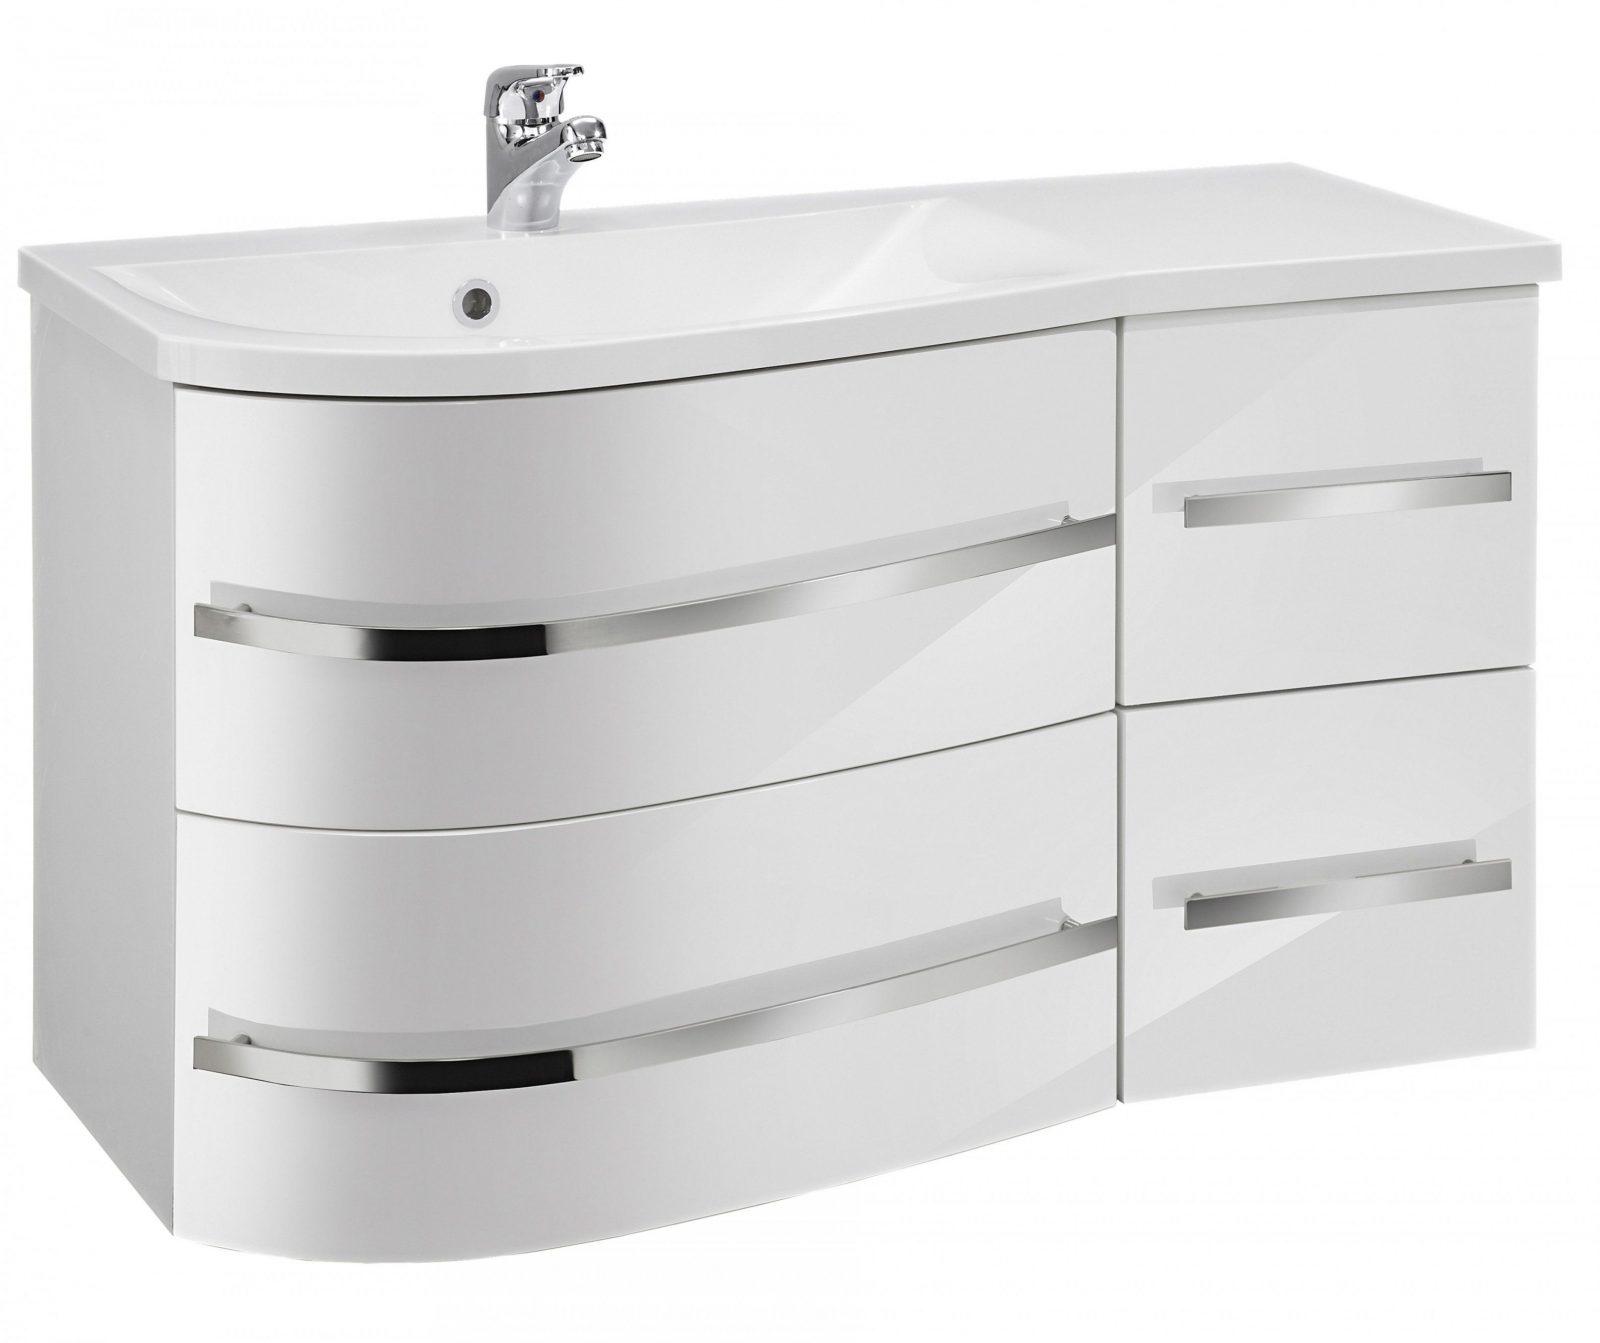 Luxuriös Waschtisch Mit Unterschrank Cm Breit Weiscken Zum von Waschbecken Mit Unterschrank 70 Cm Breit Photo